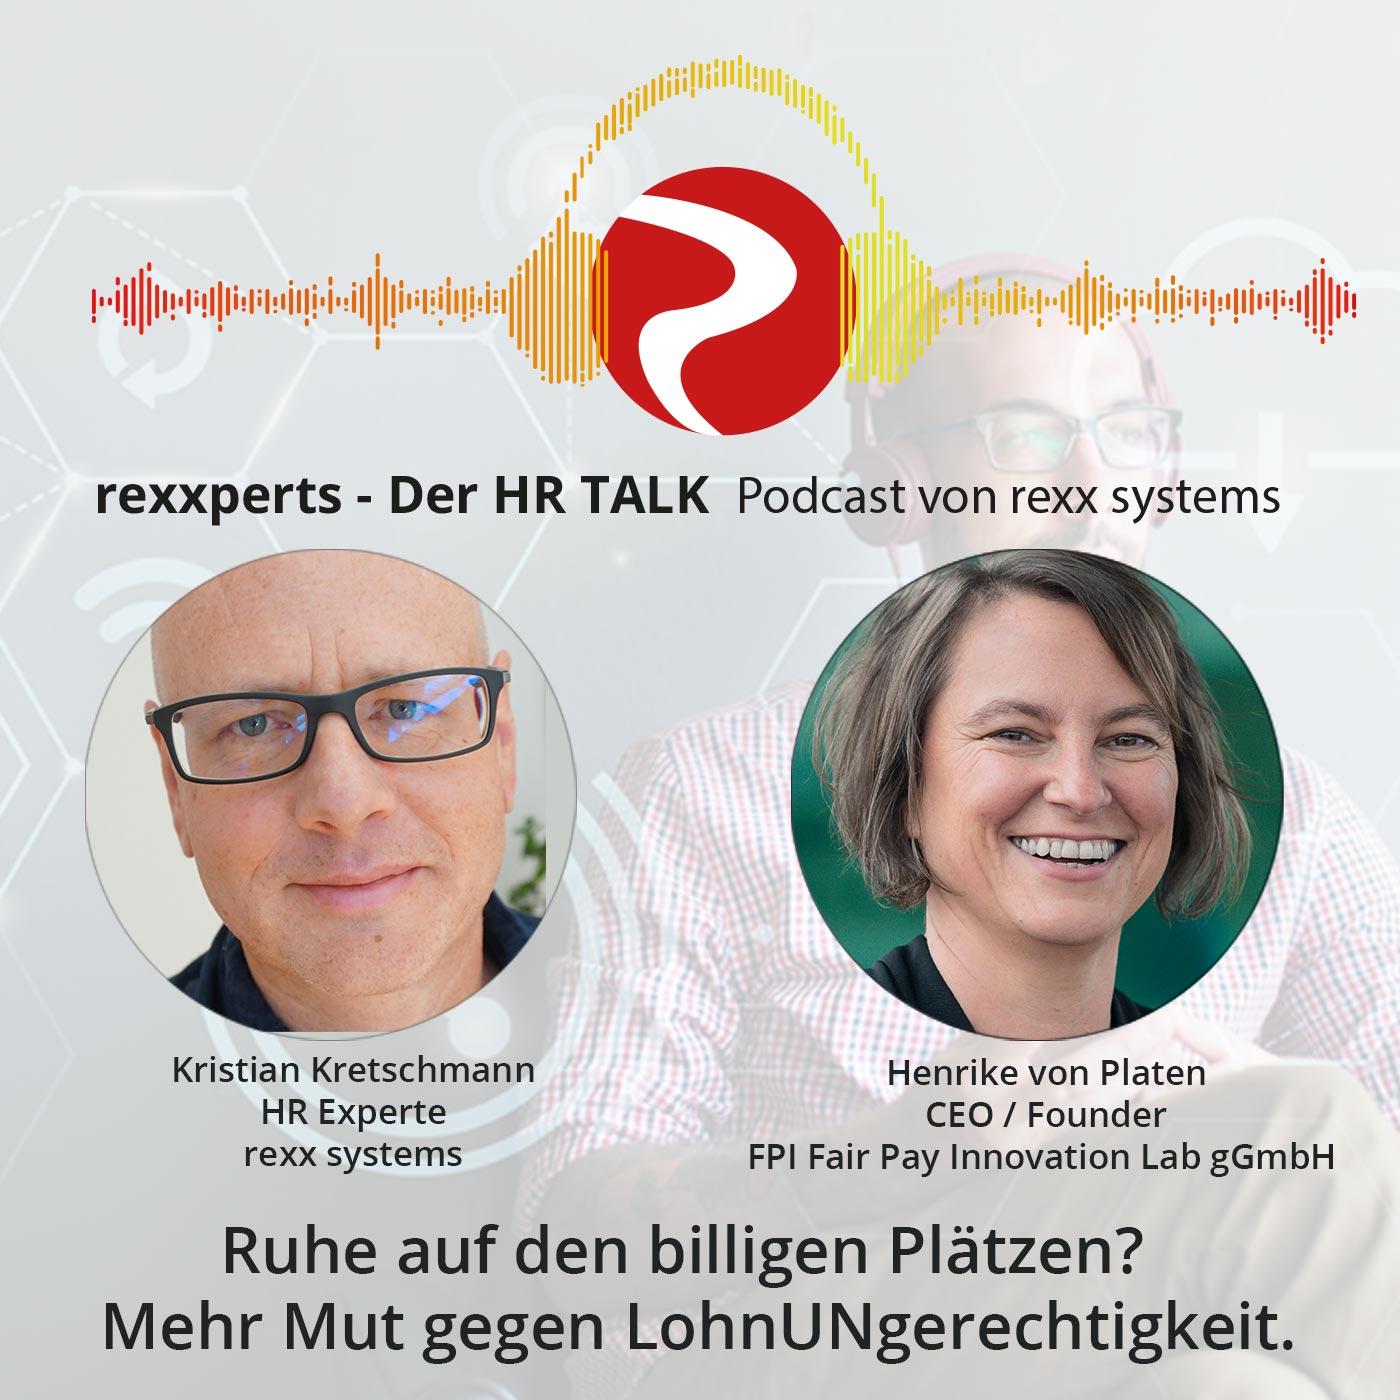 Artwork for podcast rexxperts - Der HR Talk Podcast